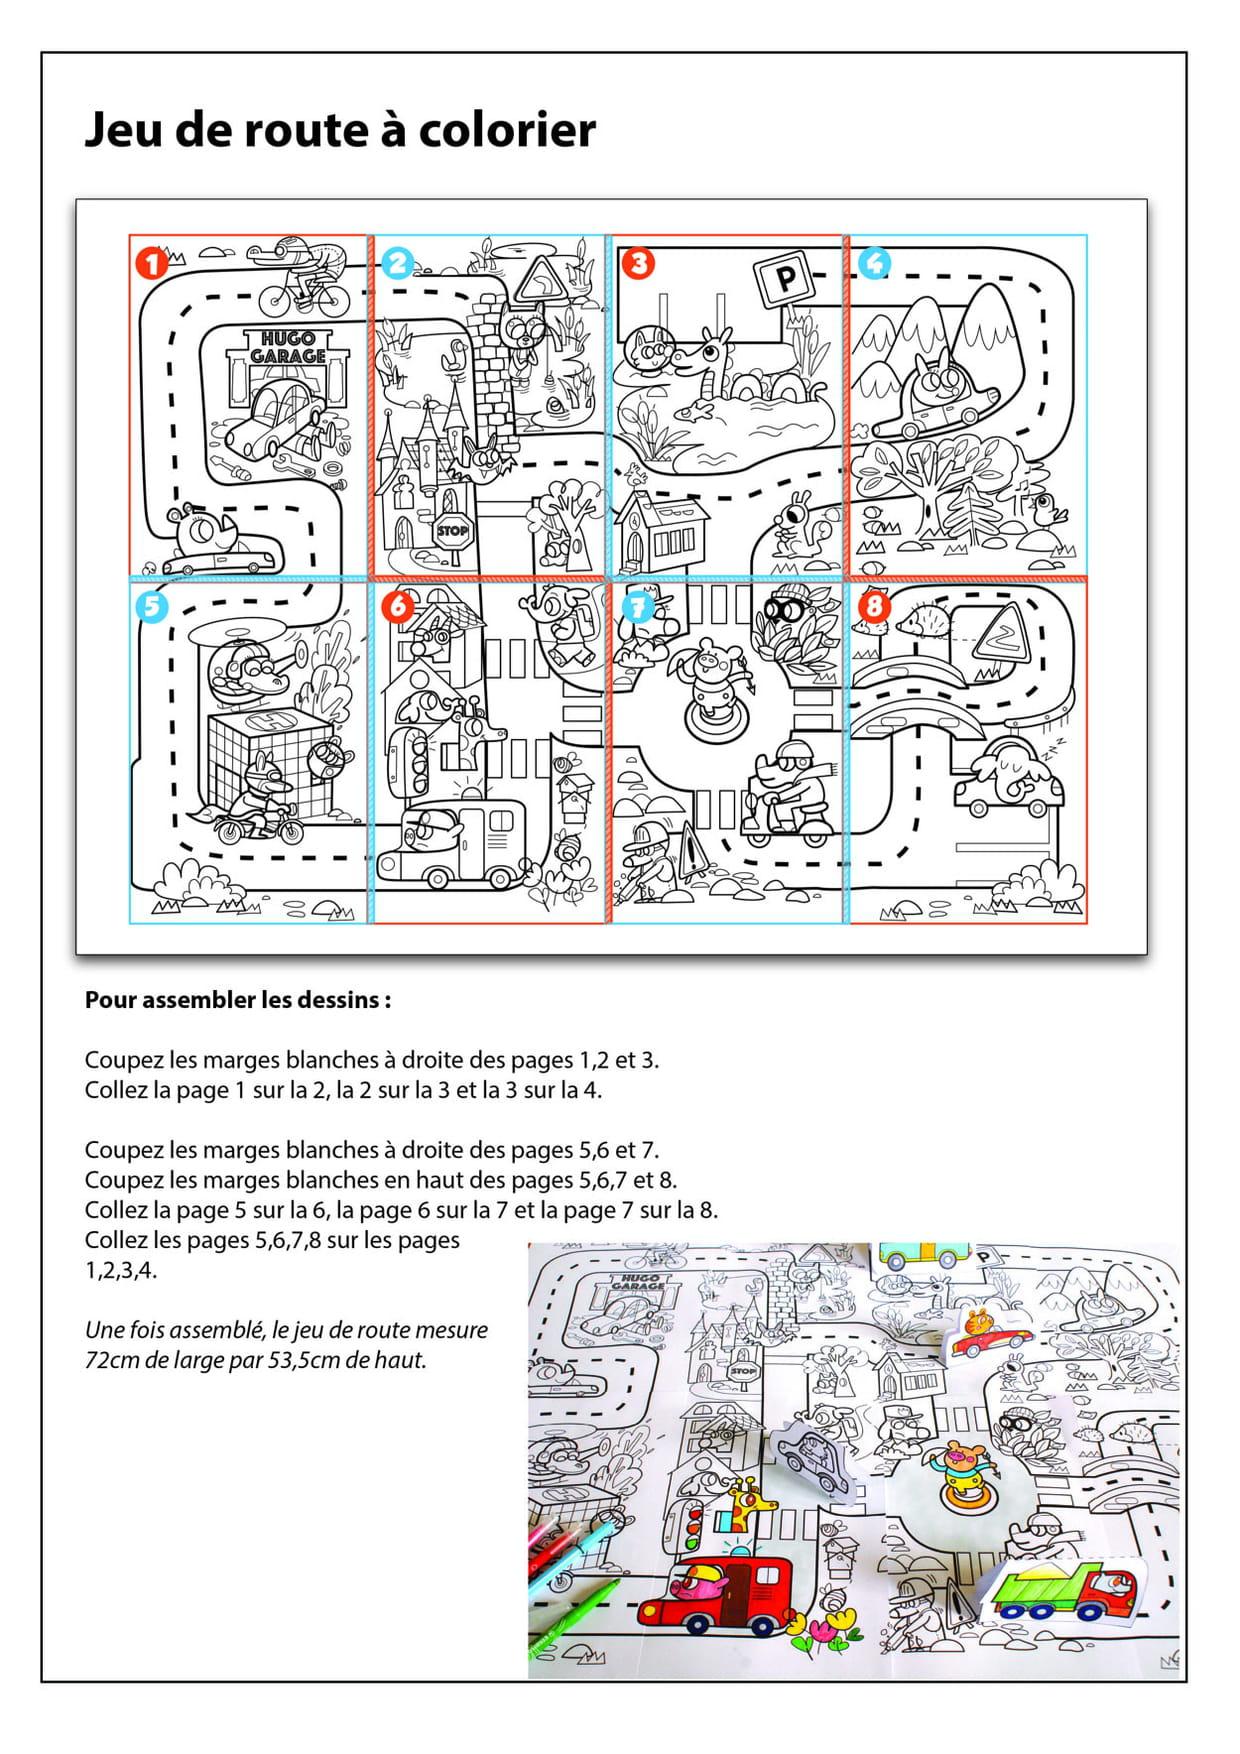 Notice De Montage Du Coloriage Geant Du Jeu De La Route